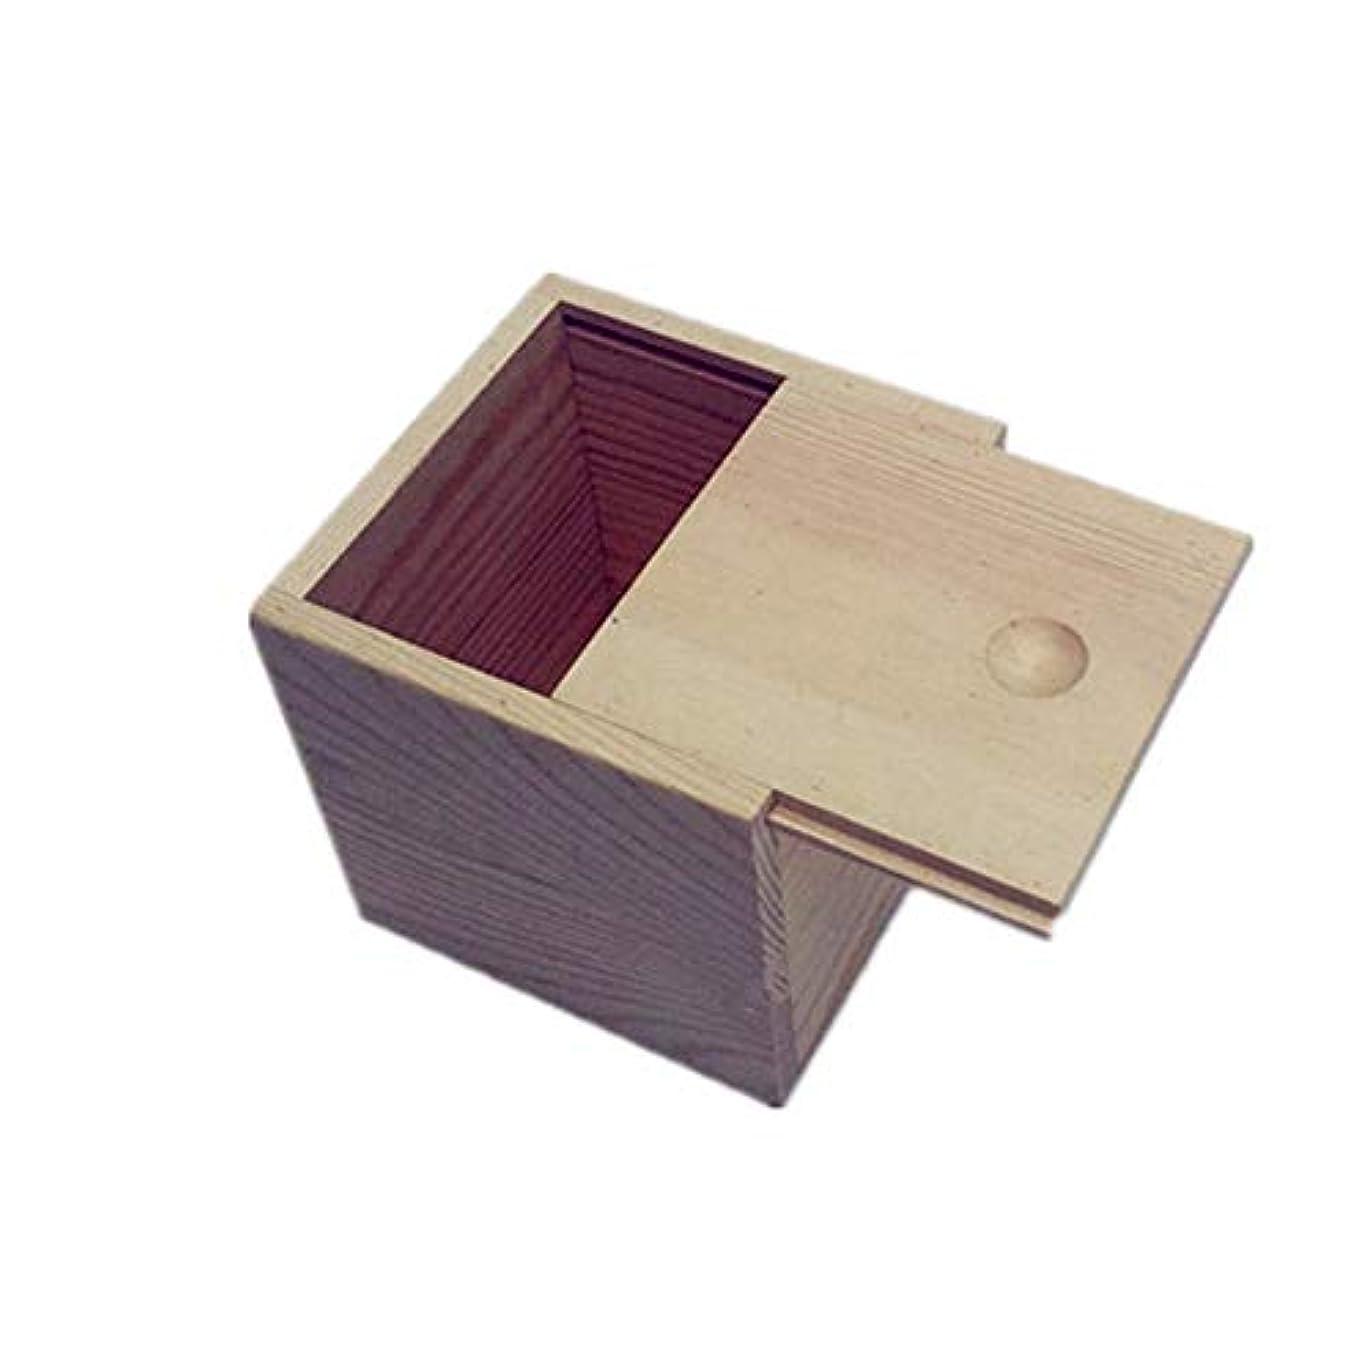 データムアダルト繊維木製のエッセンシャルオイルストレージボックス安全なスペースセーバーあなたの油を維持するためのベスト アロマセラピー製品 (色 : Natural, サイズ : 9X9X5CM)